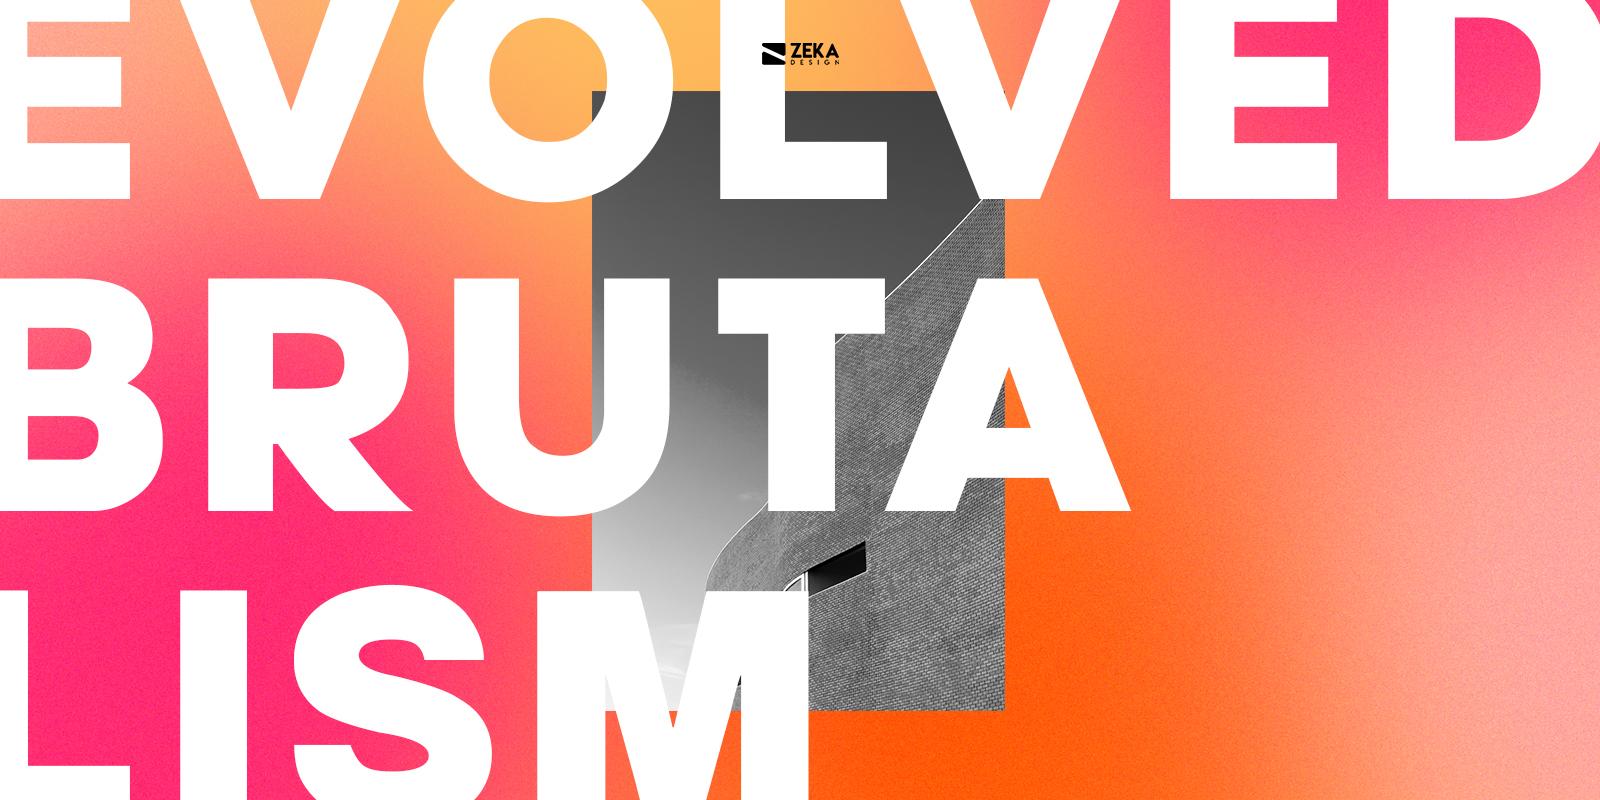 Evolved Brutalism Typography Design Trends 2021